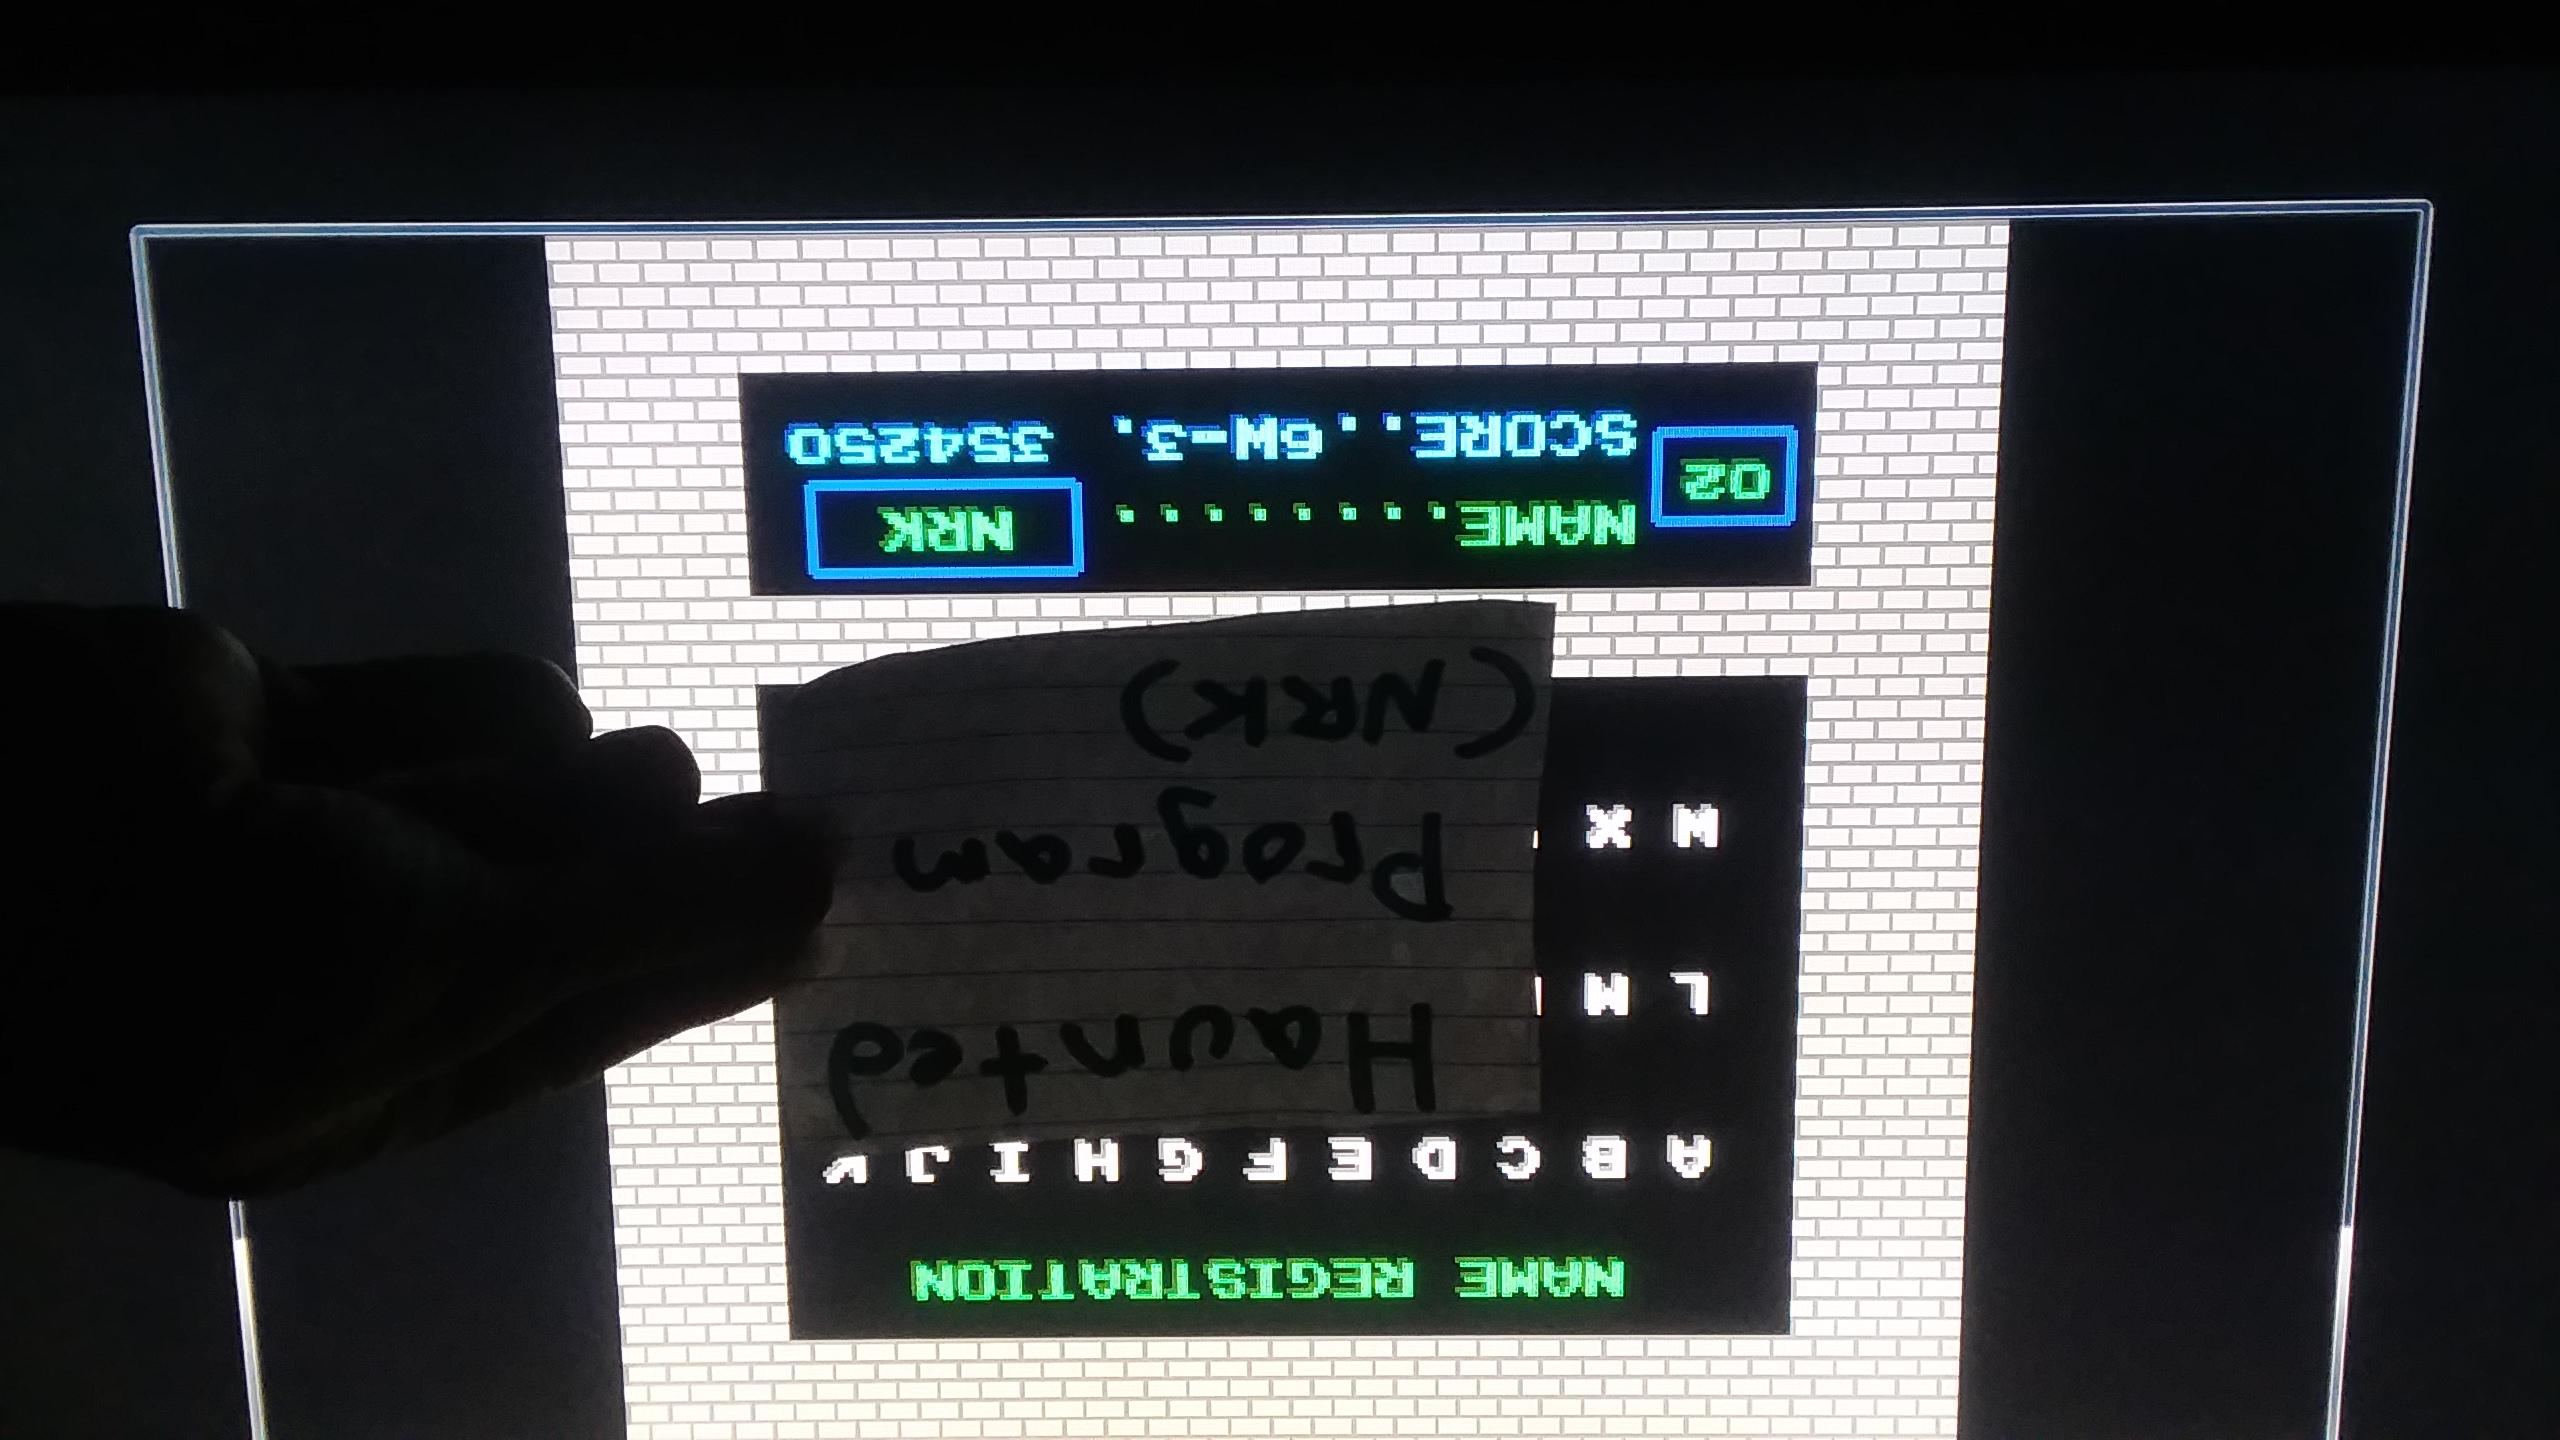 vs. Super Mario Bros 354,250 points